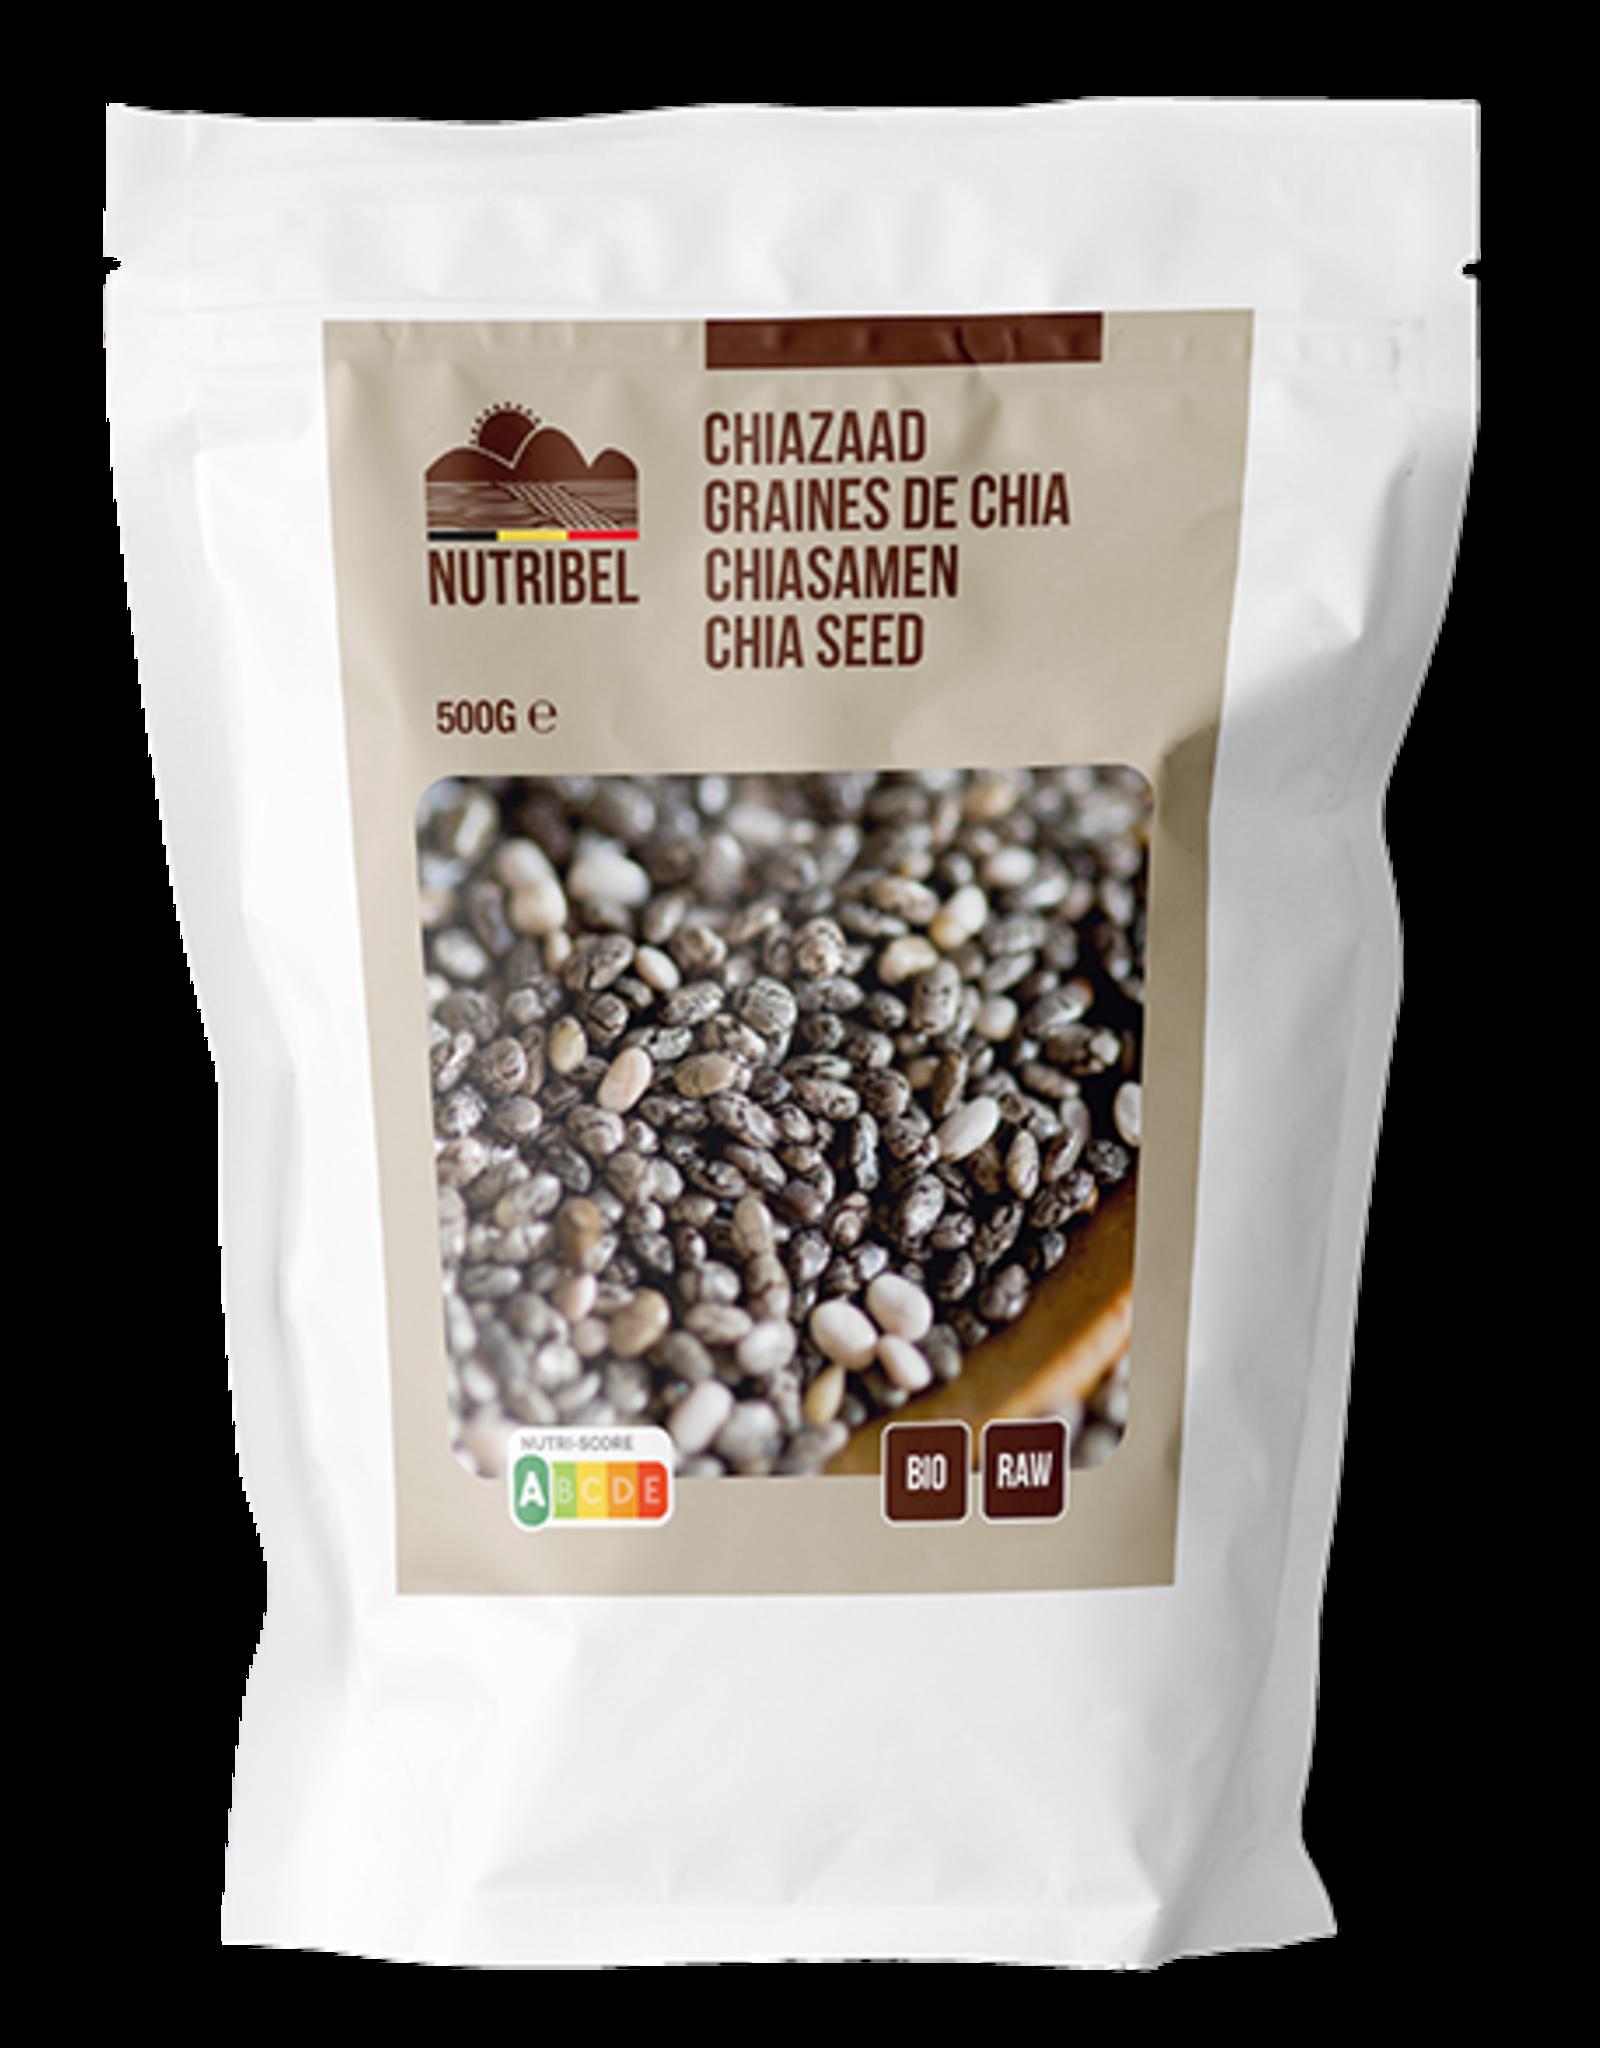 Nutribel Graines de chia bio & raw 200g - Copy